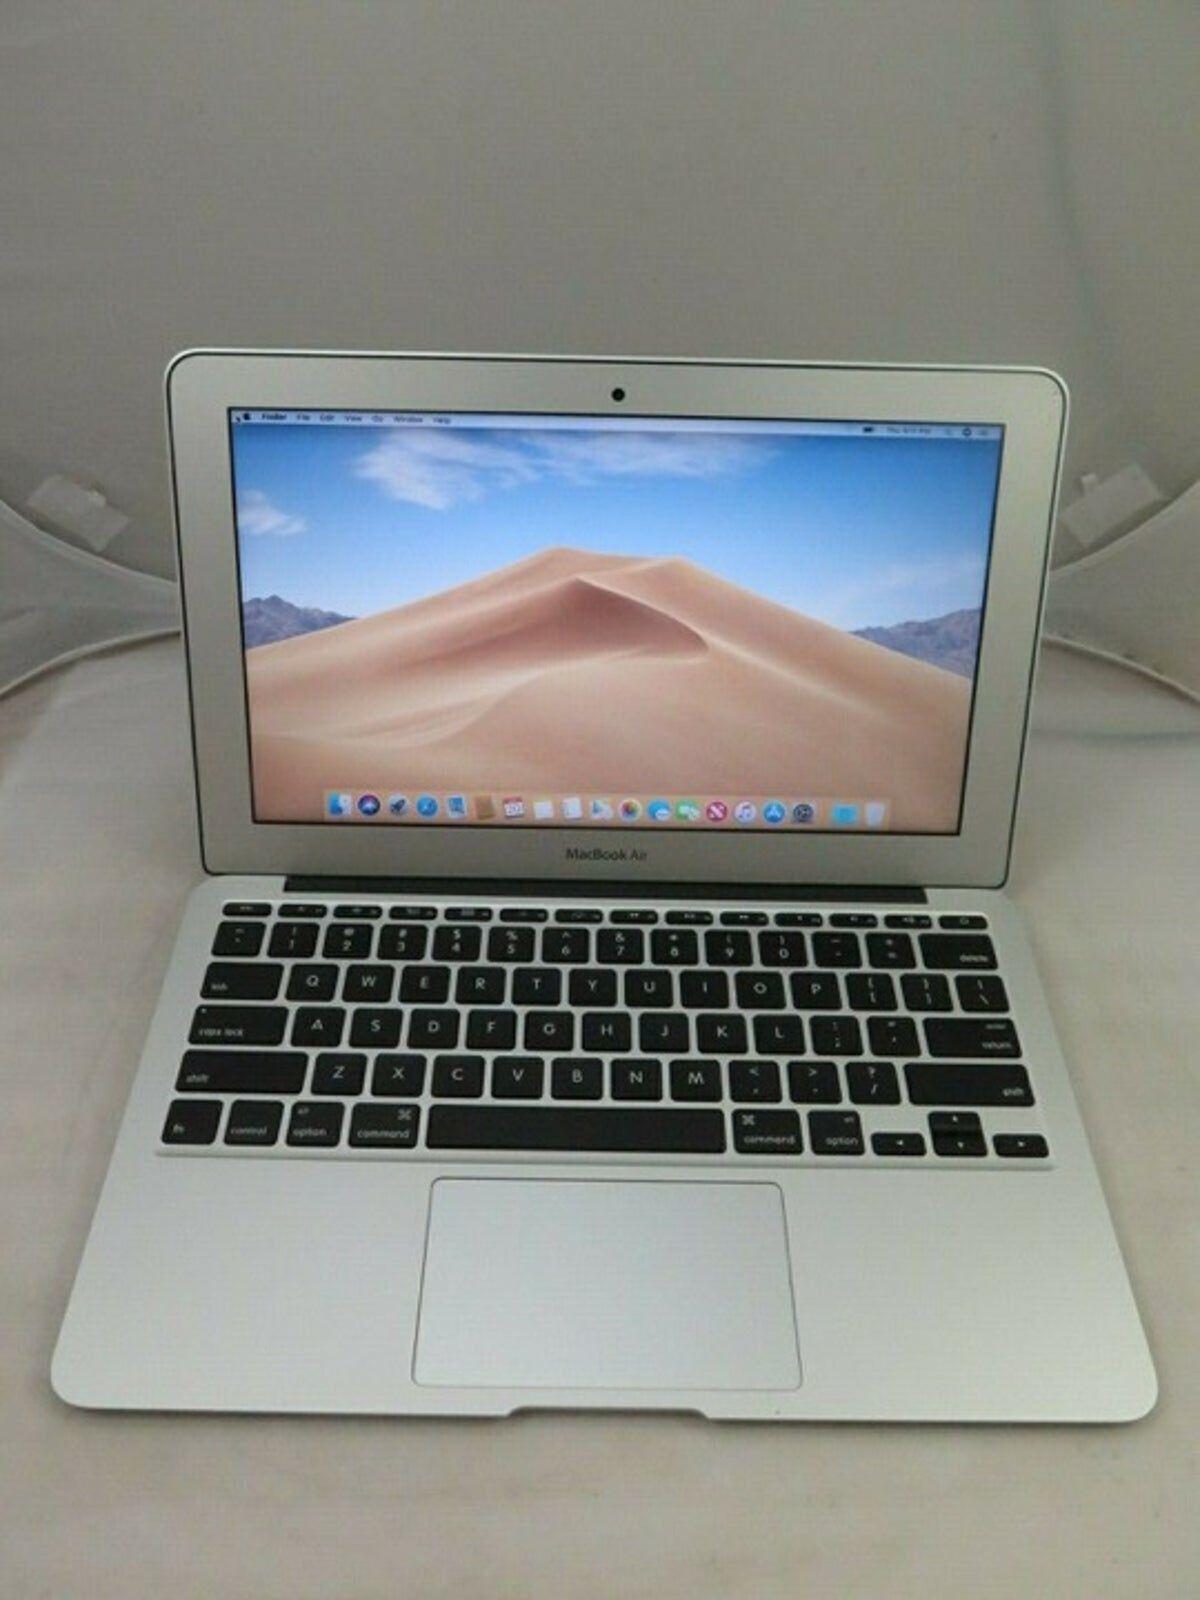 Macbook Air 2015 128gb Ssd 4gb Apple 11 In 2020 Macbook Air Macbook Apple Macbook Air